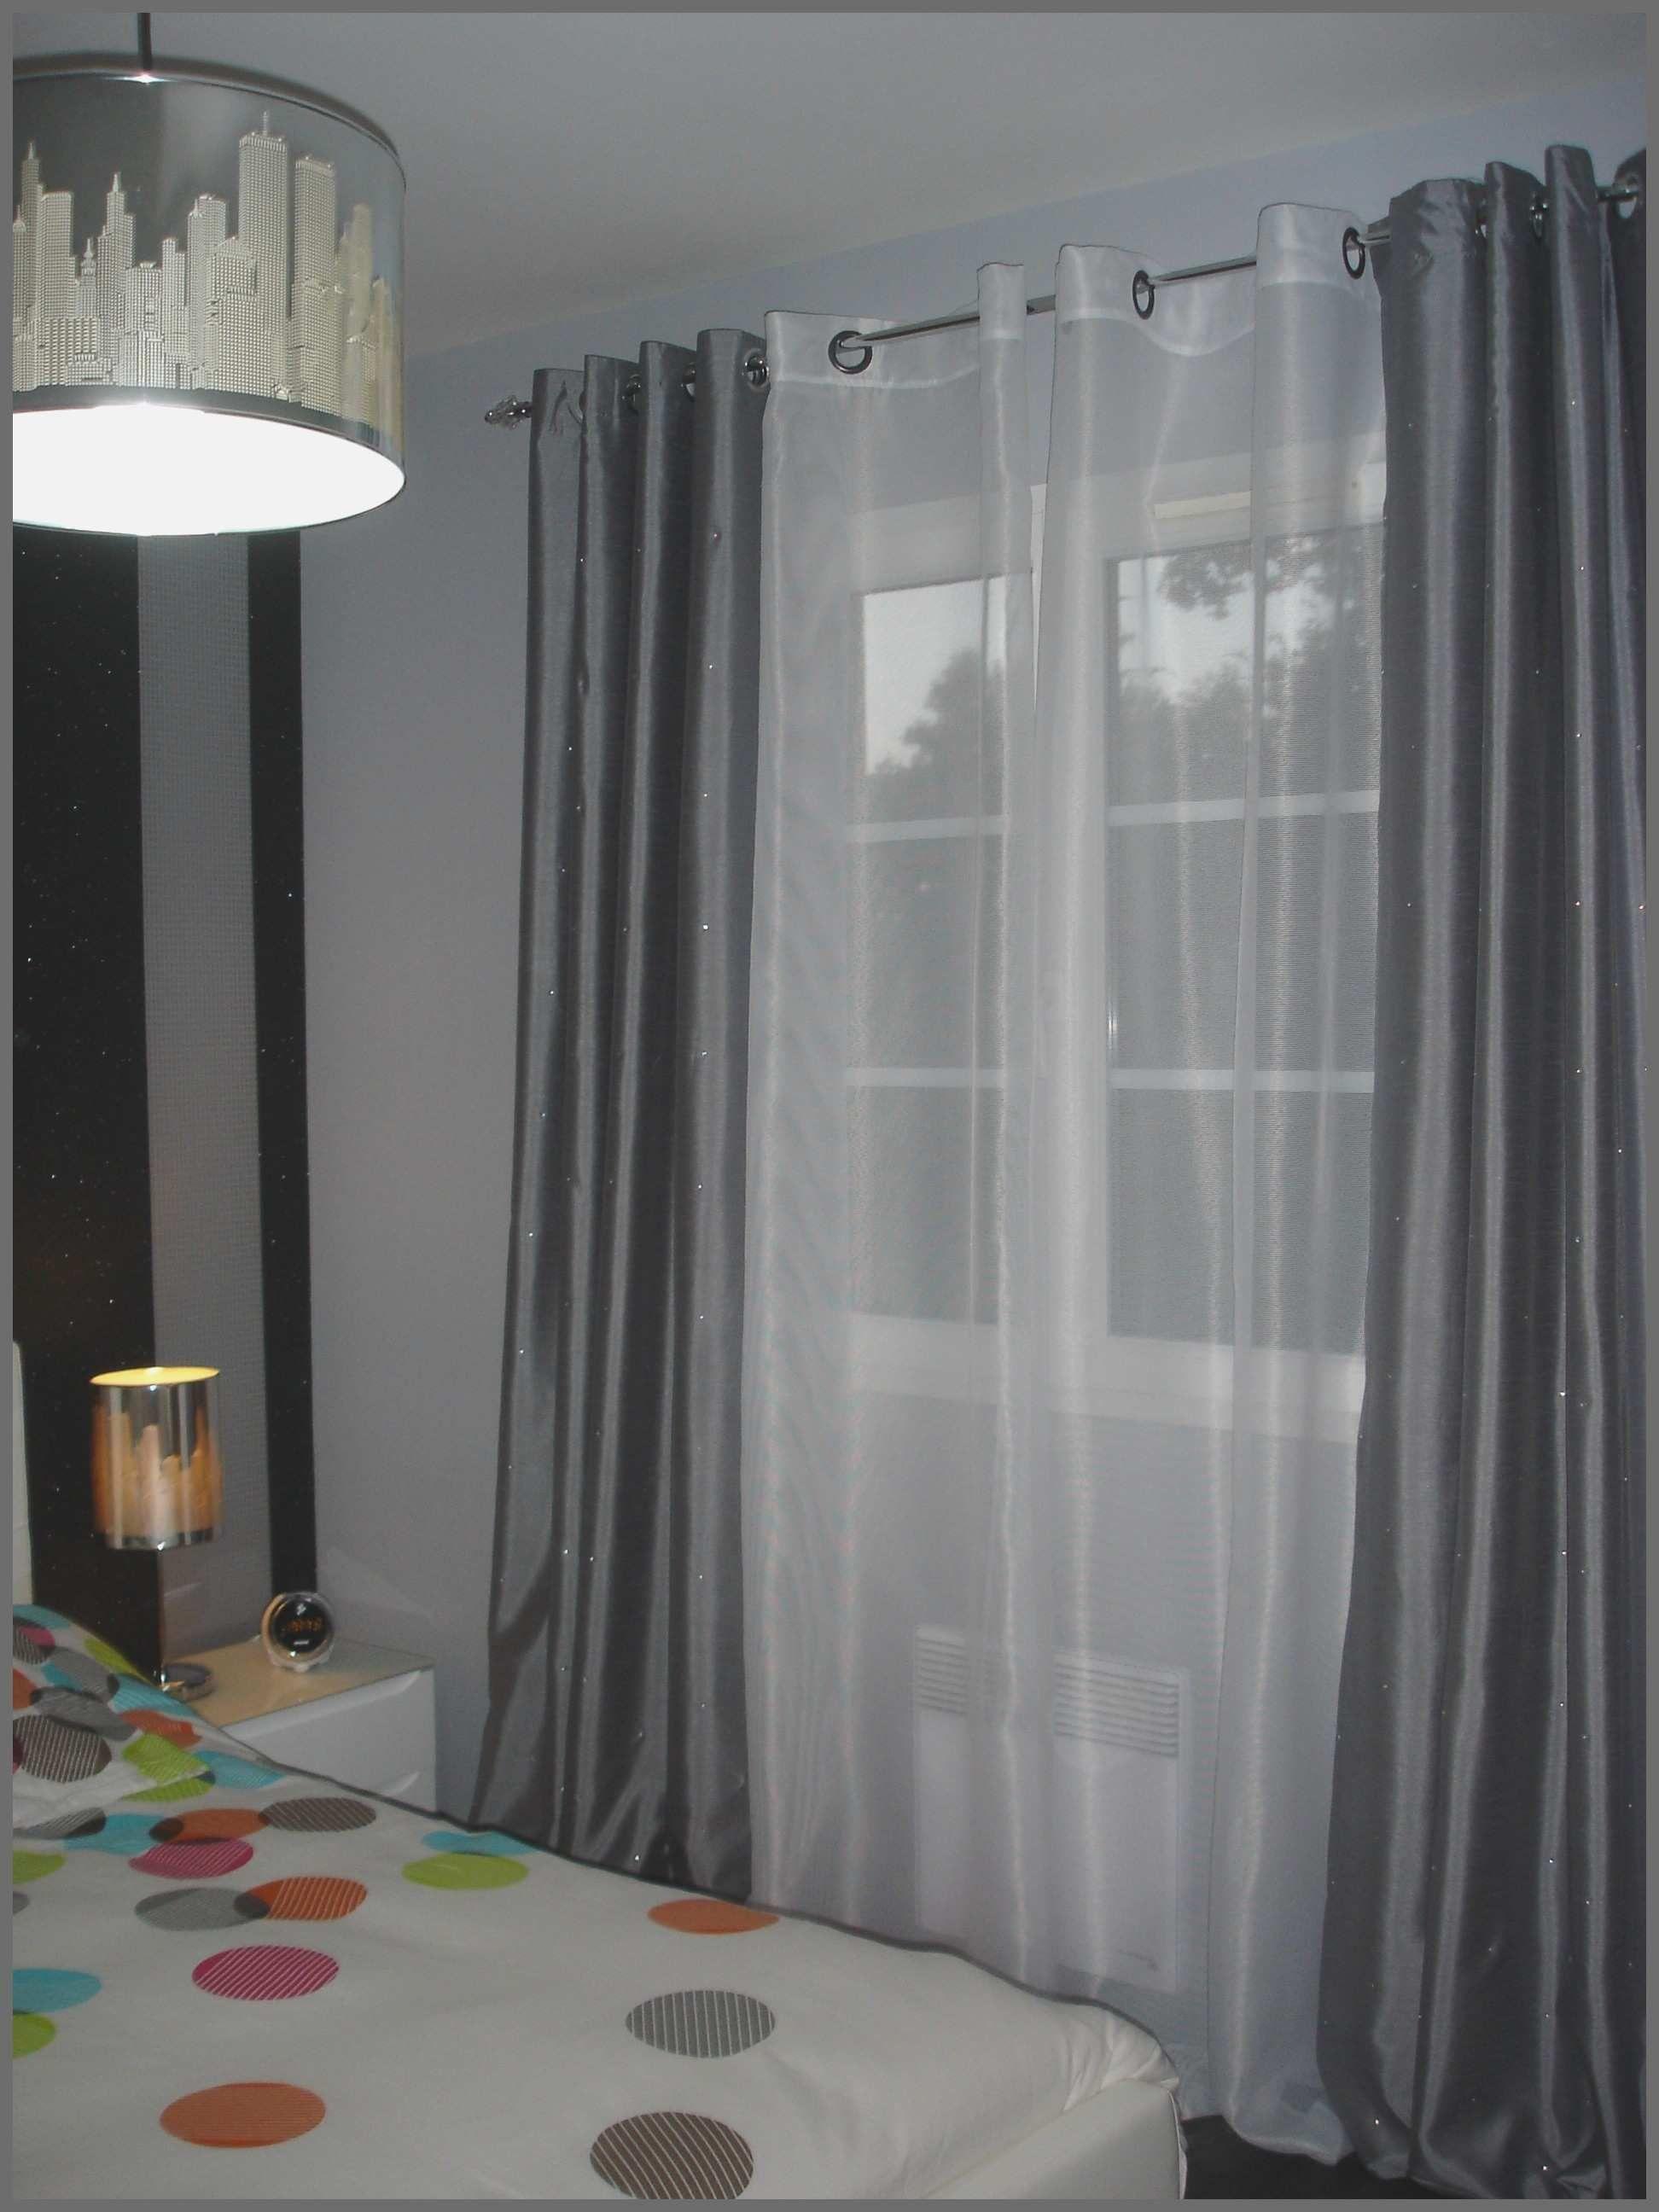 Rideau Pour Salon Gris  Curtains living room, Home decor, Curtains